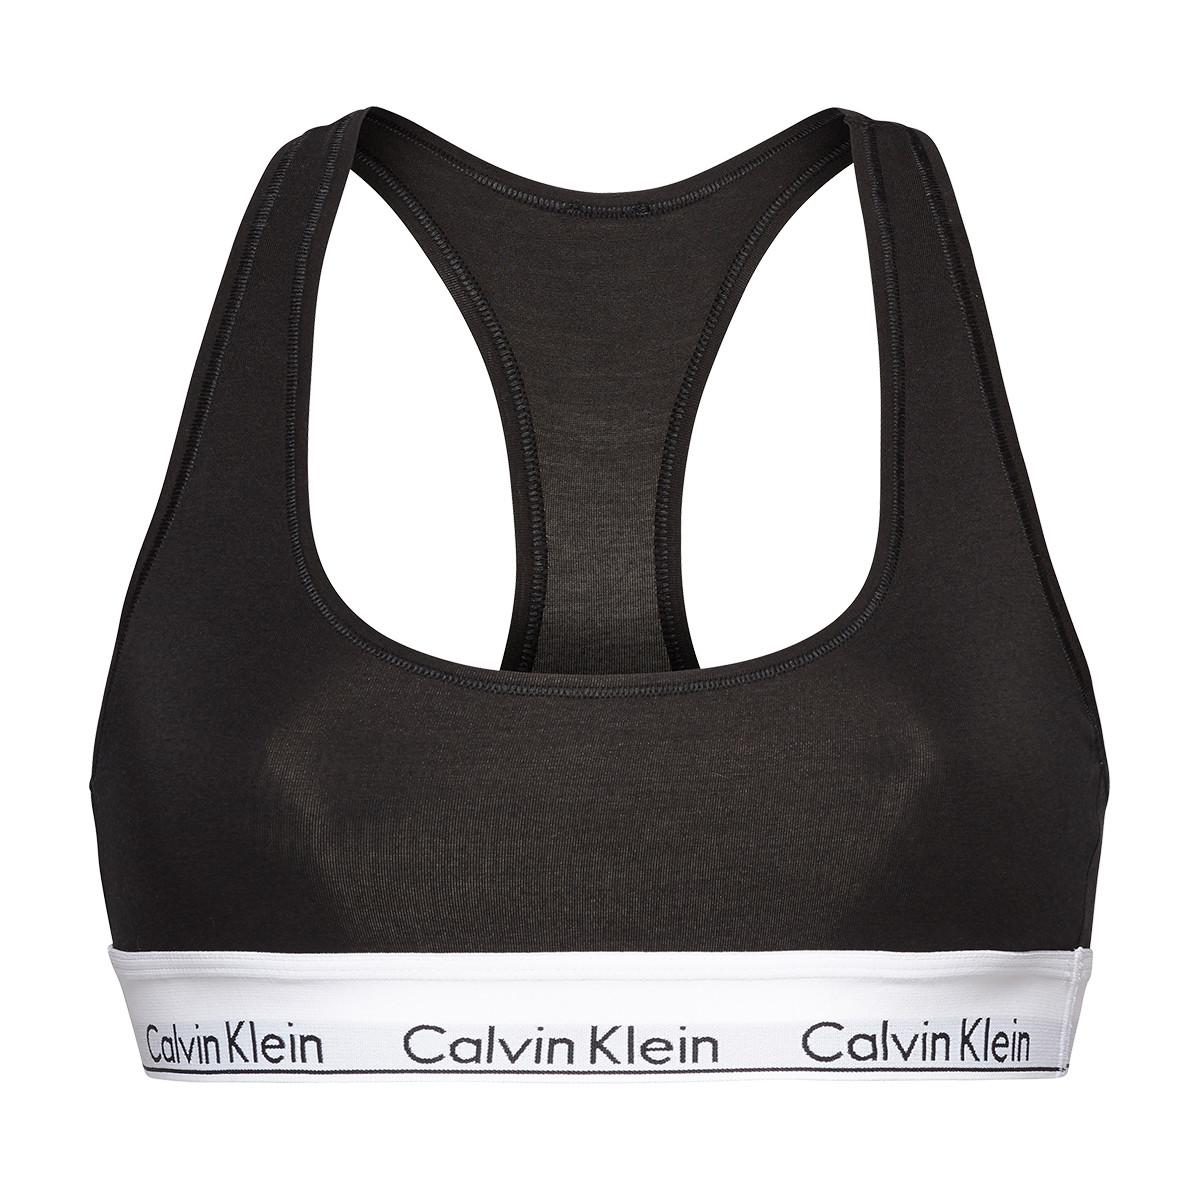 CALVIN KLEIN BRALETTE F3785 001